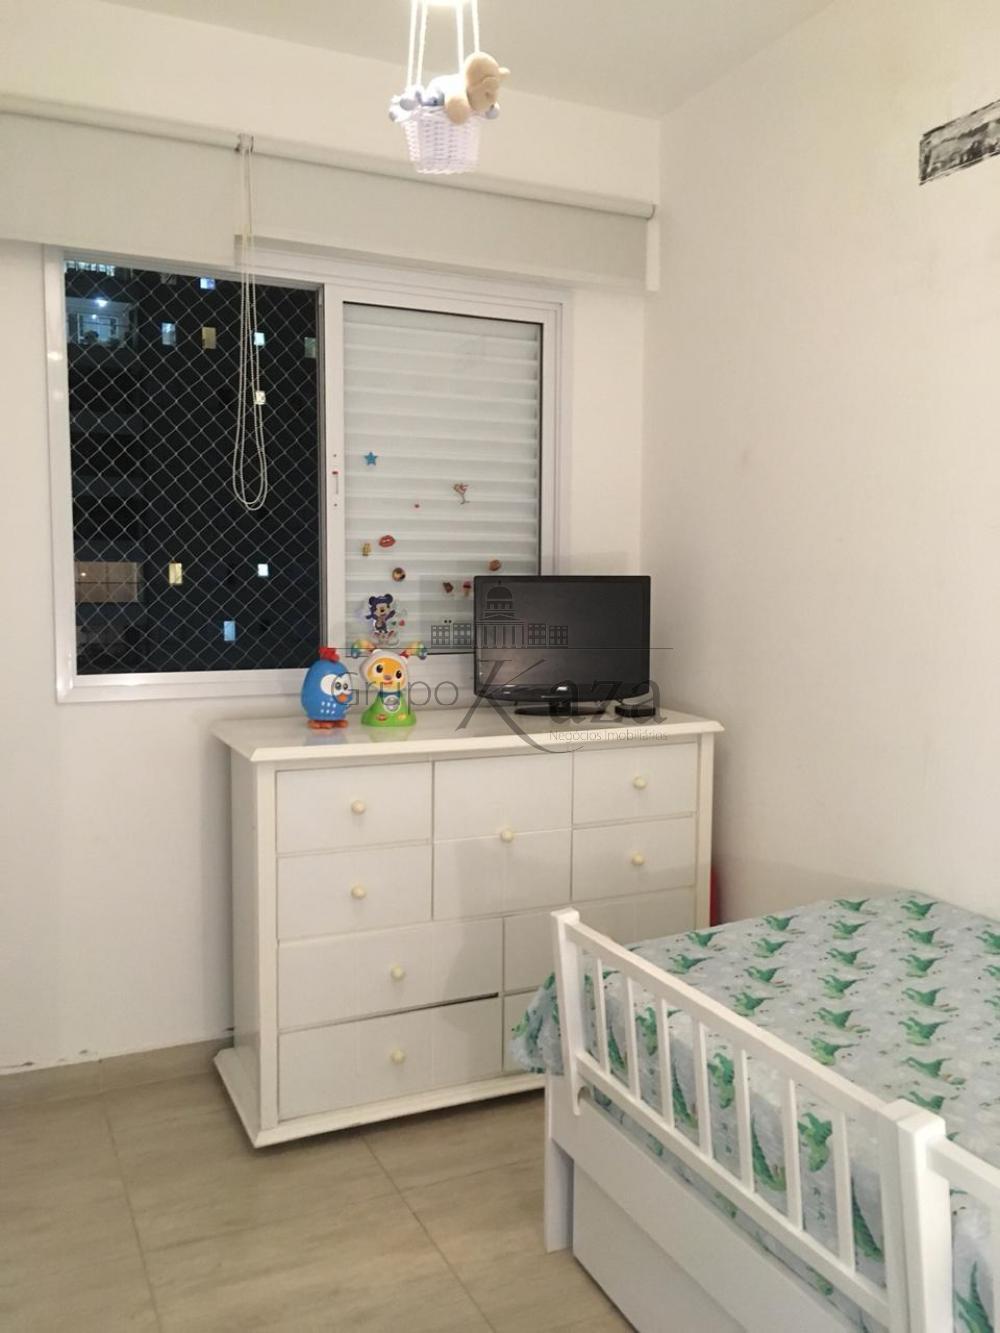 Alugar Apartamento / Padrão em São José dos Campos R$ 2.100,00 - Foto 9